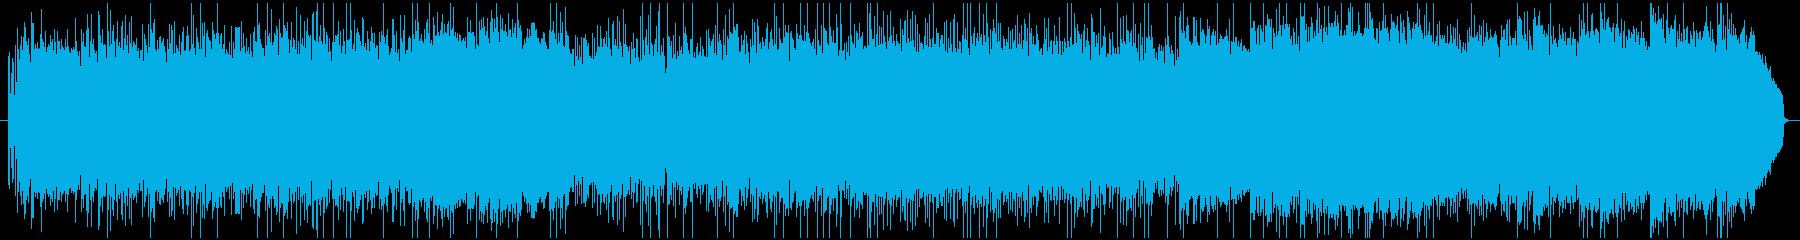 爽やかで勢いのあるスタートアップ曲の再生済みの波形